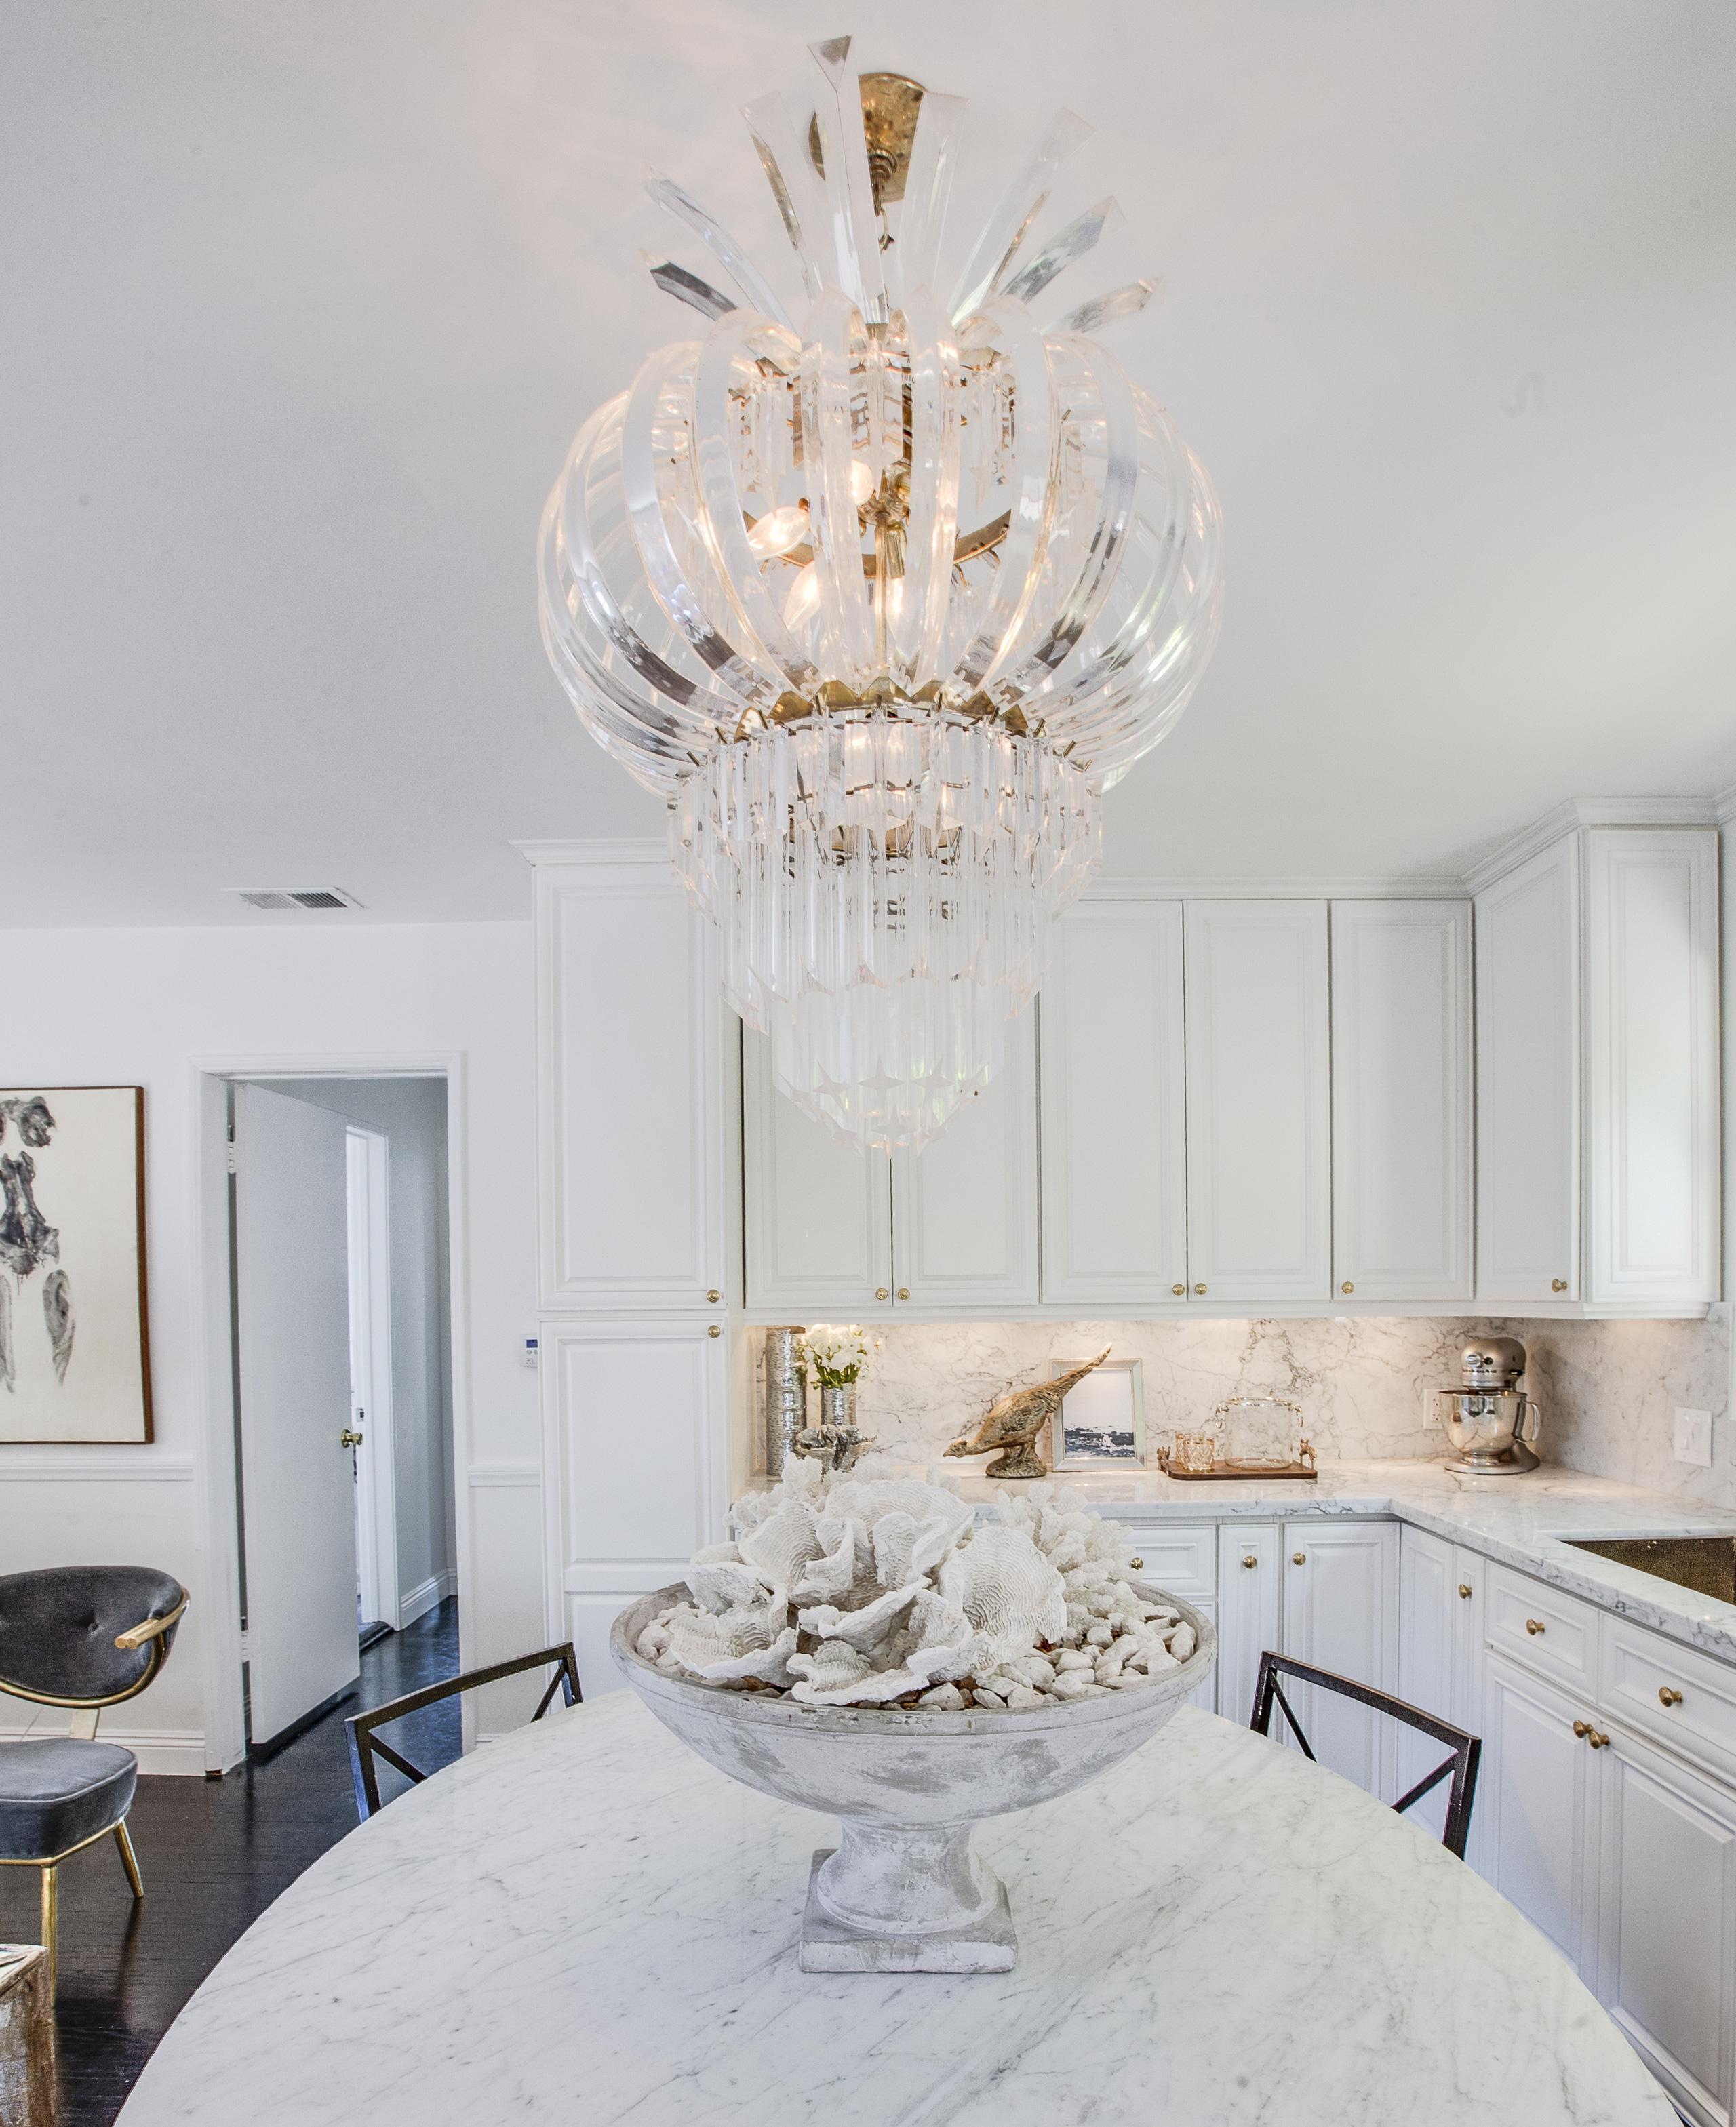 Phụ kiện trang trí cần thiết để tạo nên một phòng bếp quyến rũ - Ảnh 14.